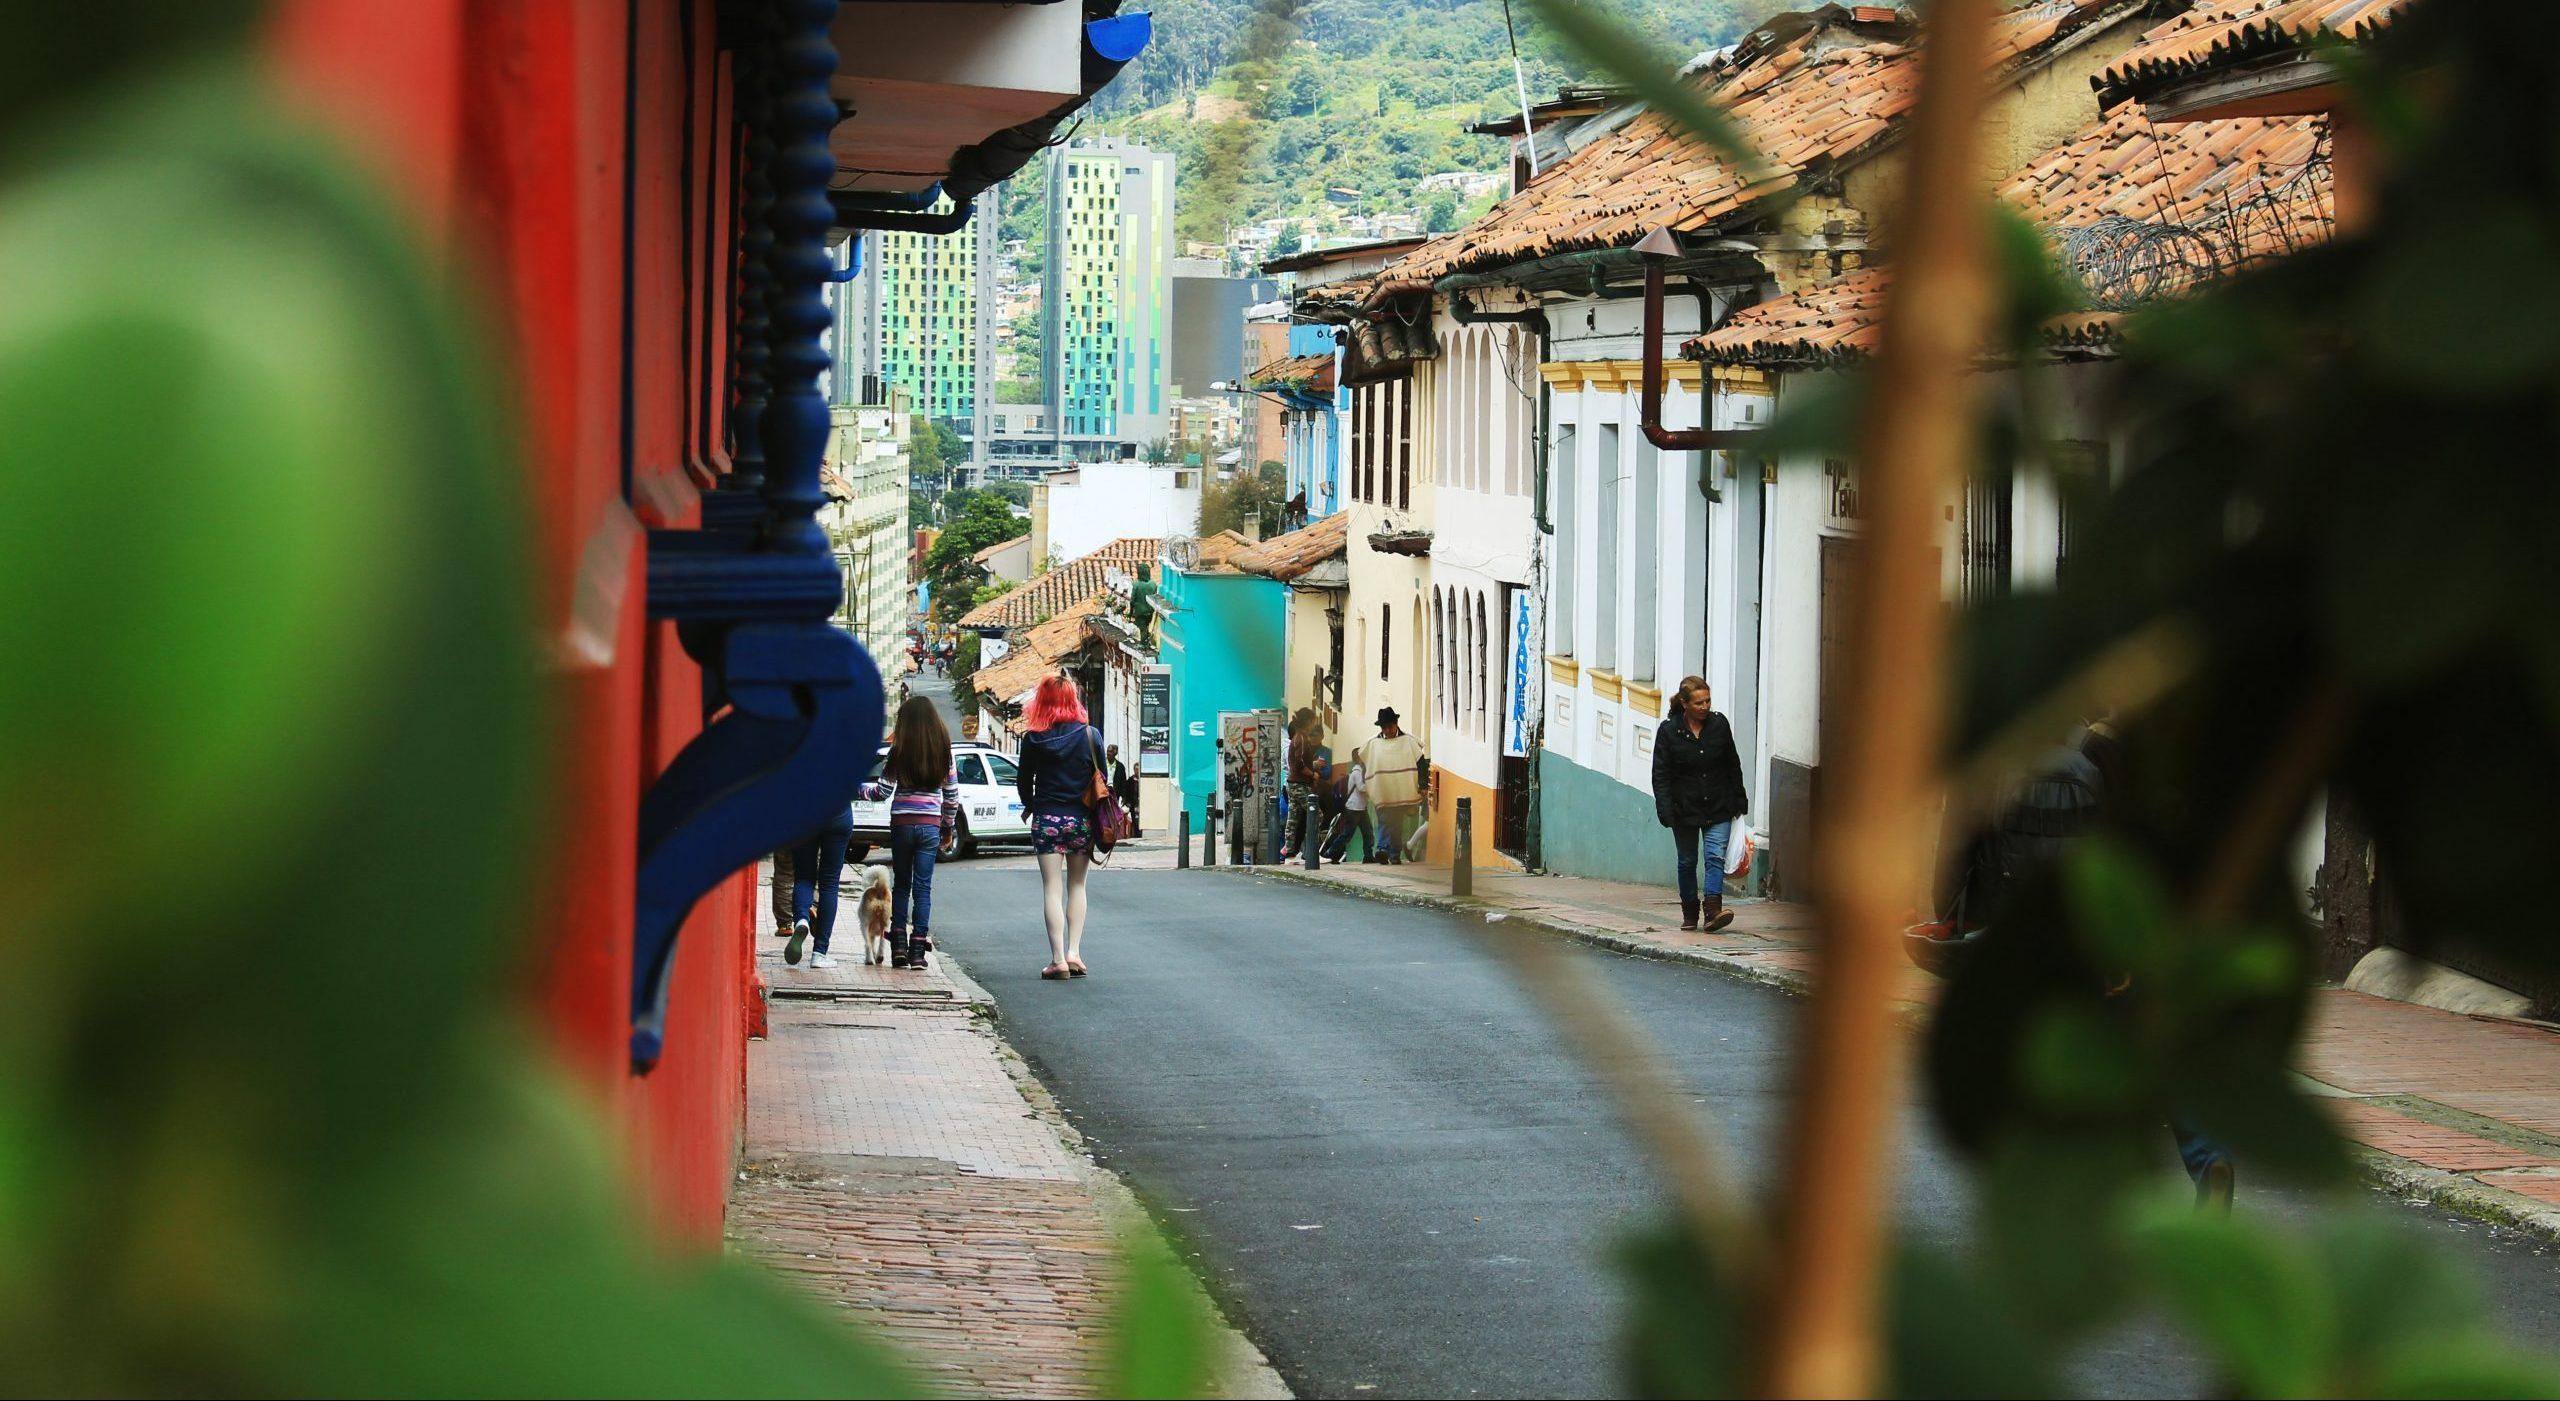 Matisse films